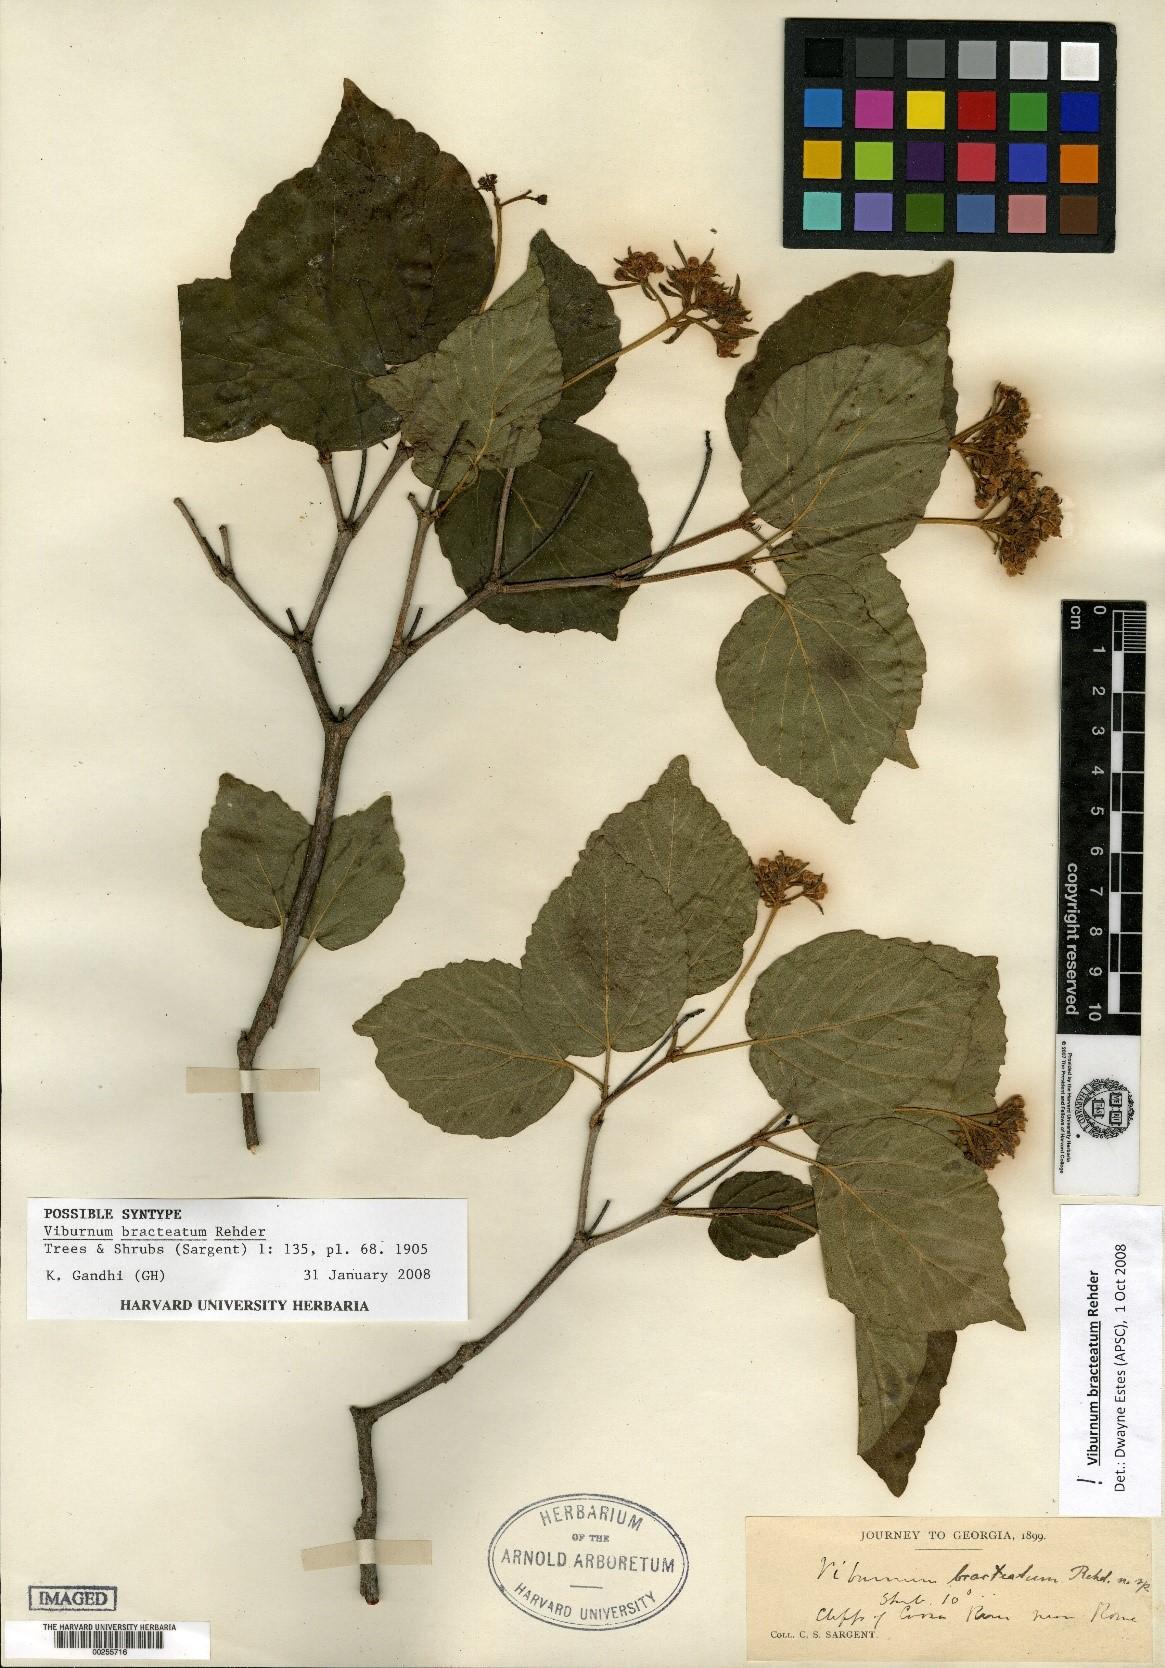 vibrunum-brachteatum-Sargent